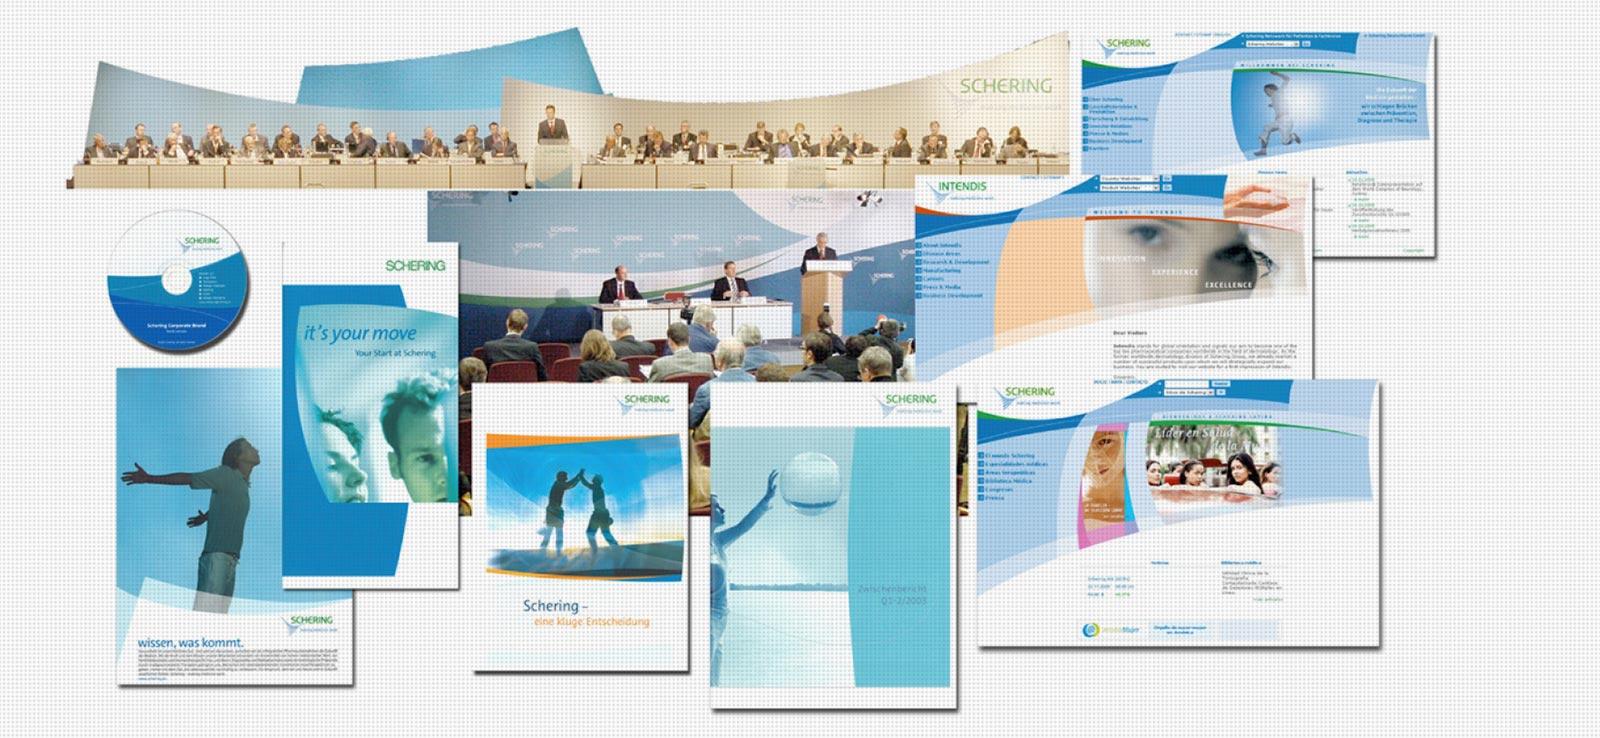 Enwicklung und Umsetzung einer Corporate Identity für ein Pharmaunternehmen